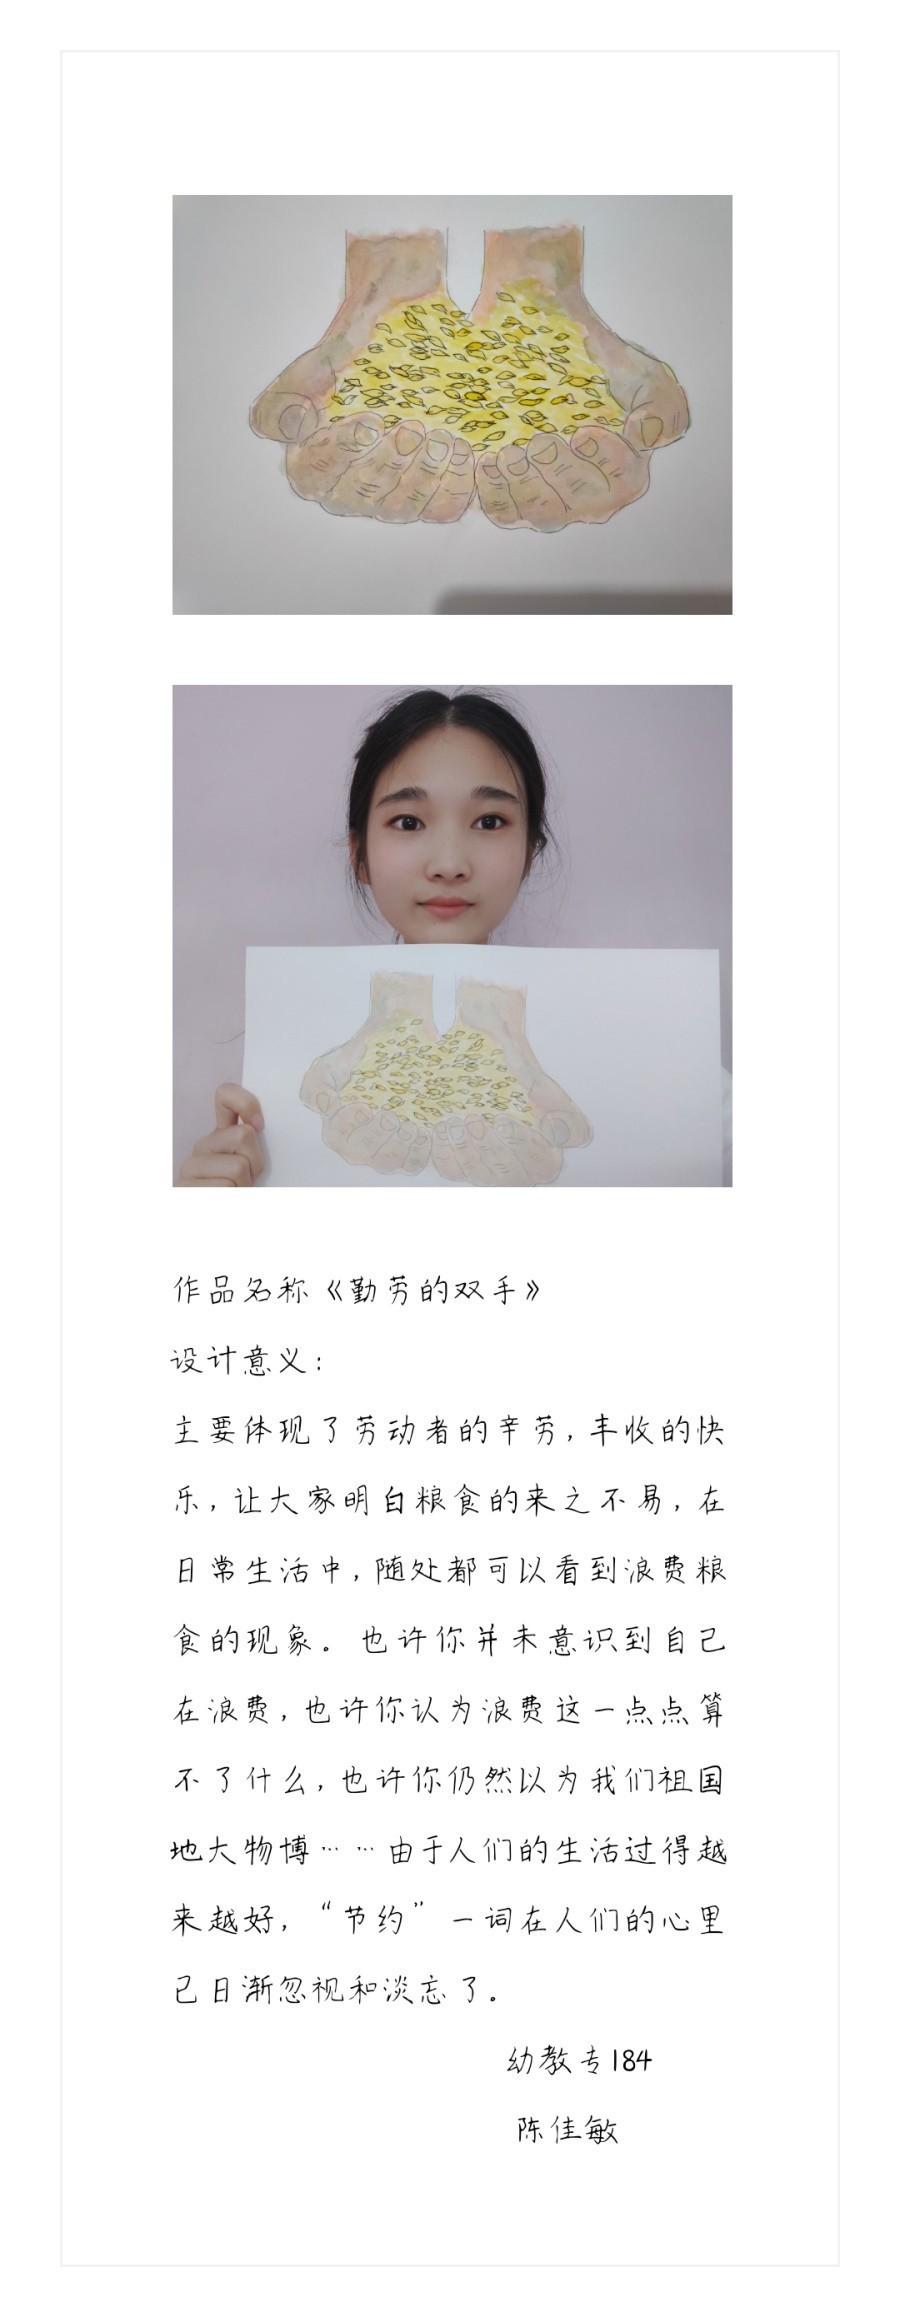 幼教专184班 陈佳敏(绘画).jpg